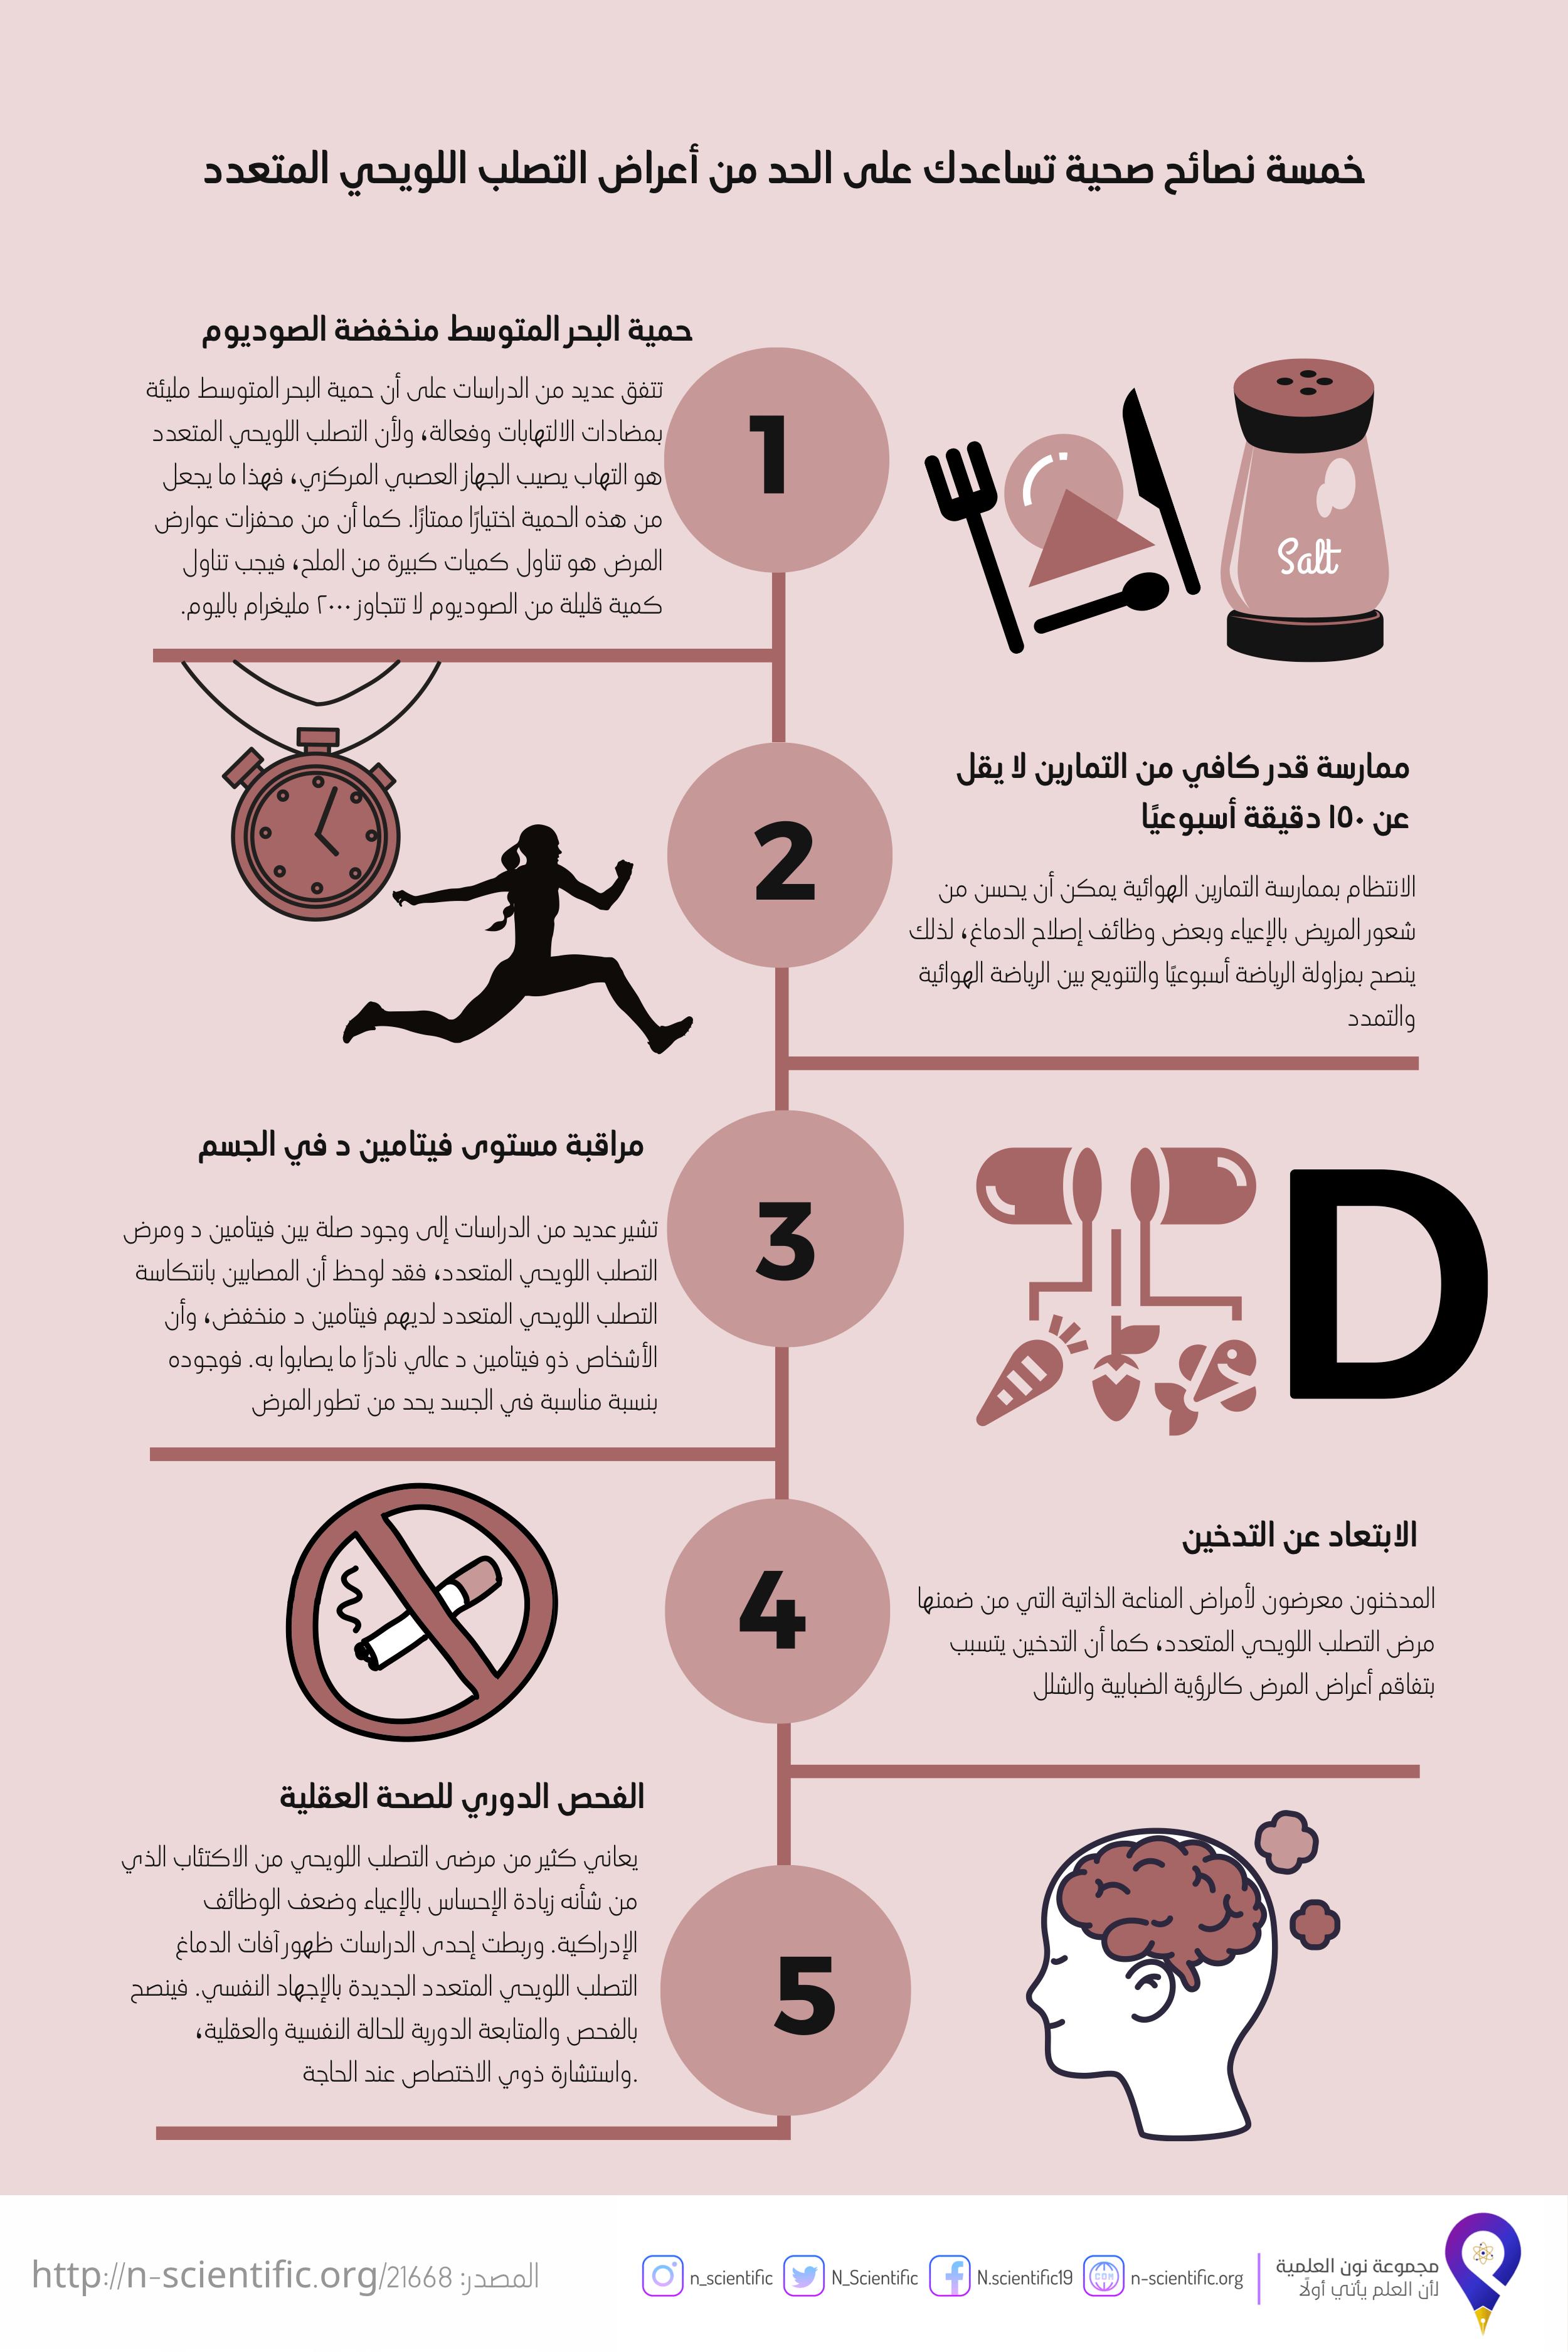 خمسة نصائح صحية تساعدك على الحد من أعراض التصلب اللويحي المتعدد